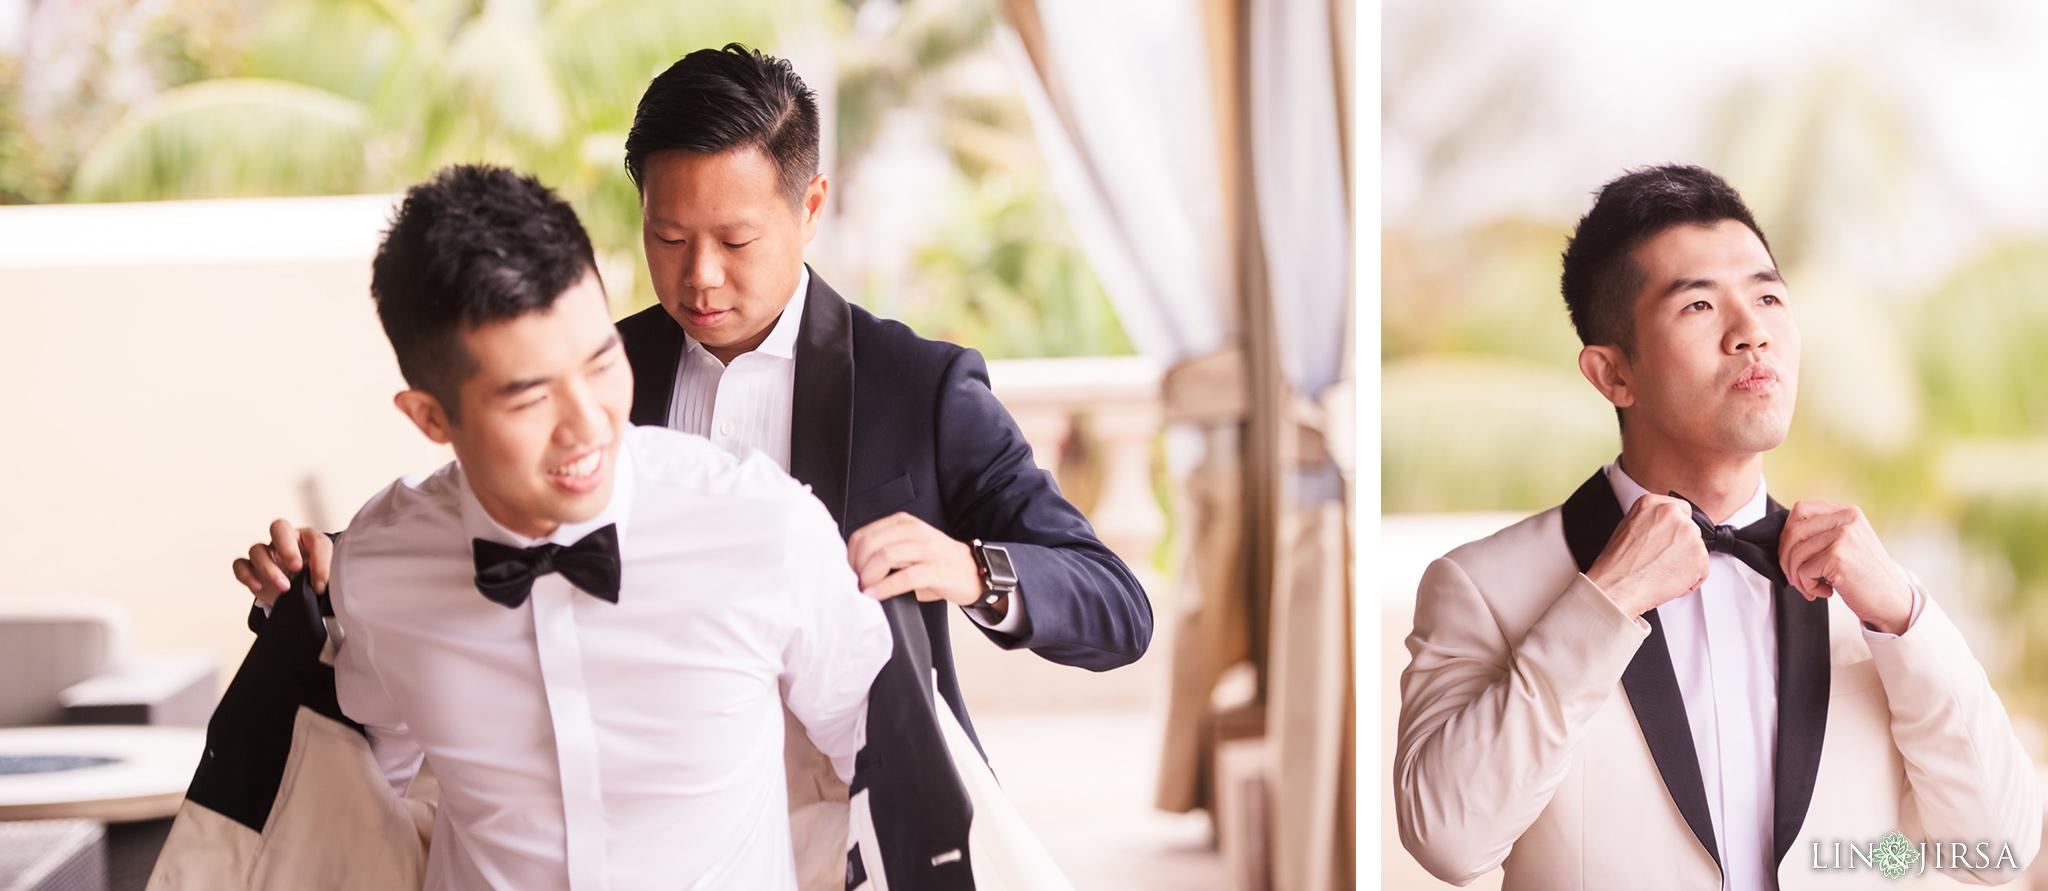 10 ritz carlton laguna niguel wedding chinese